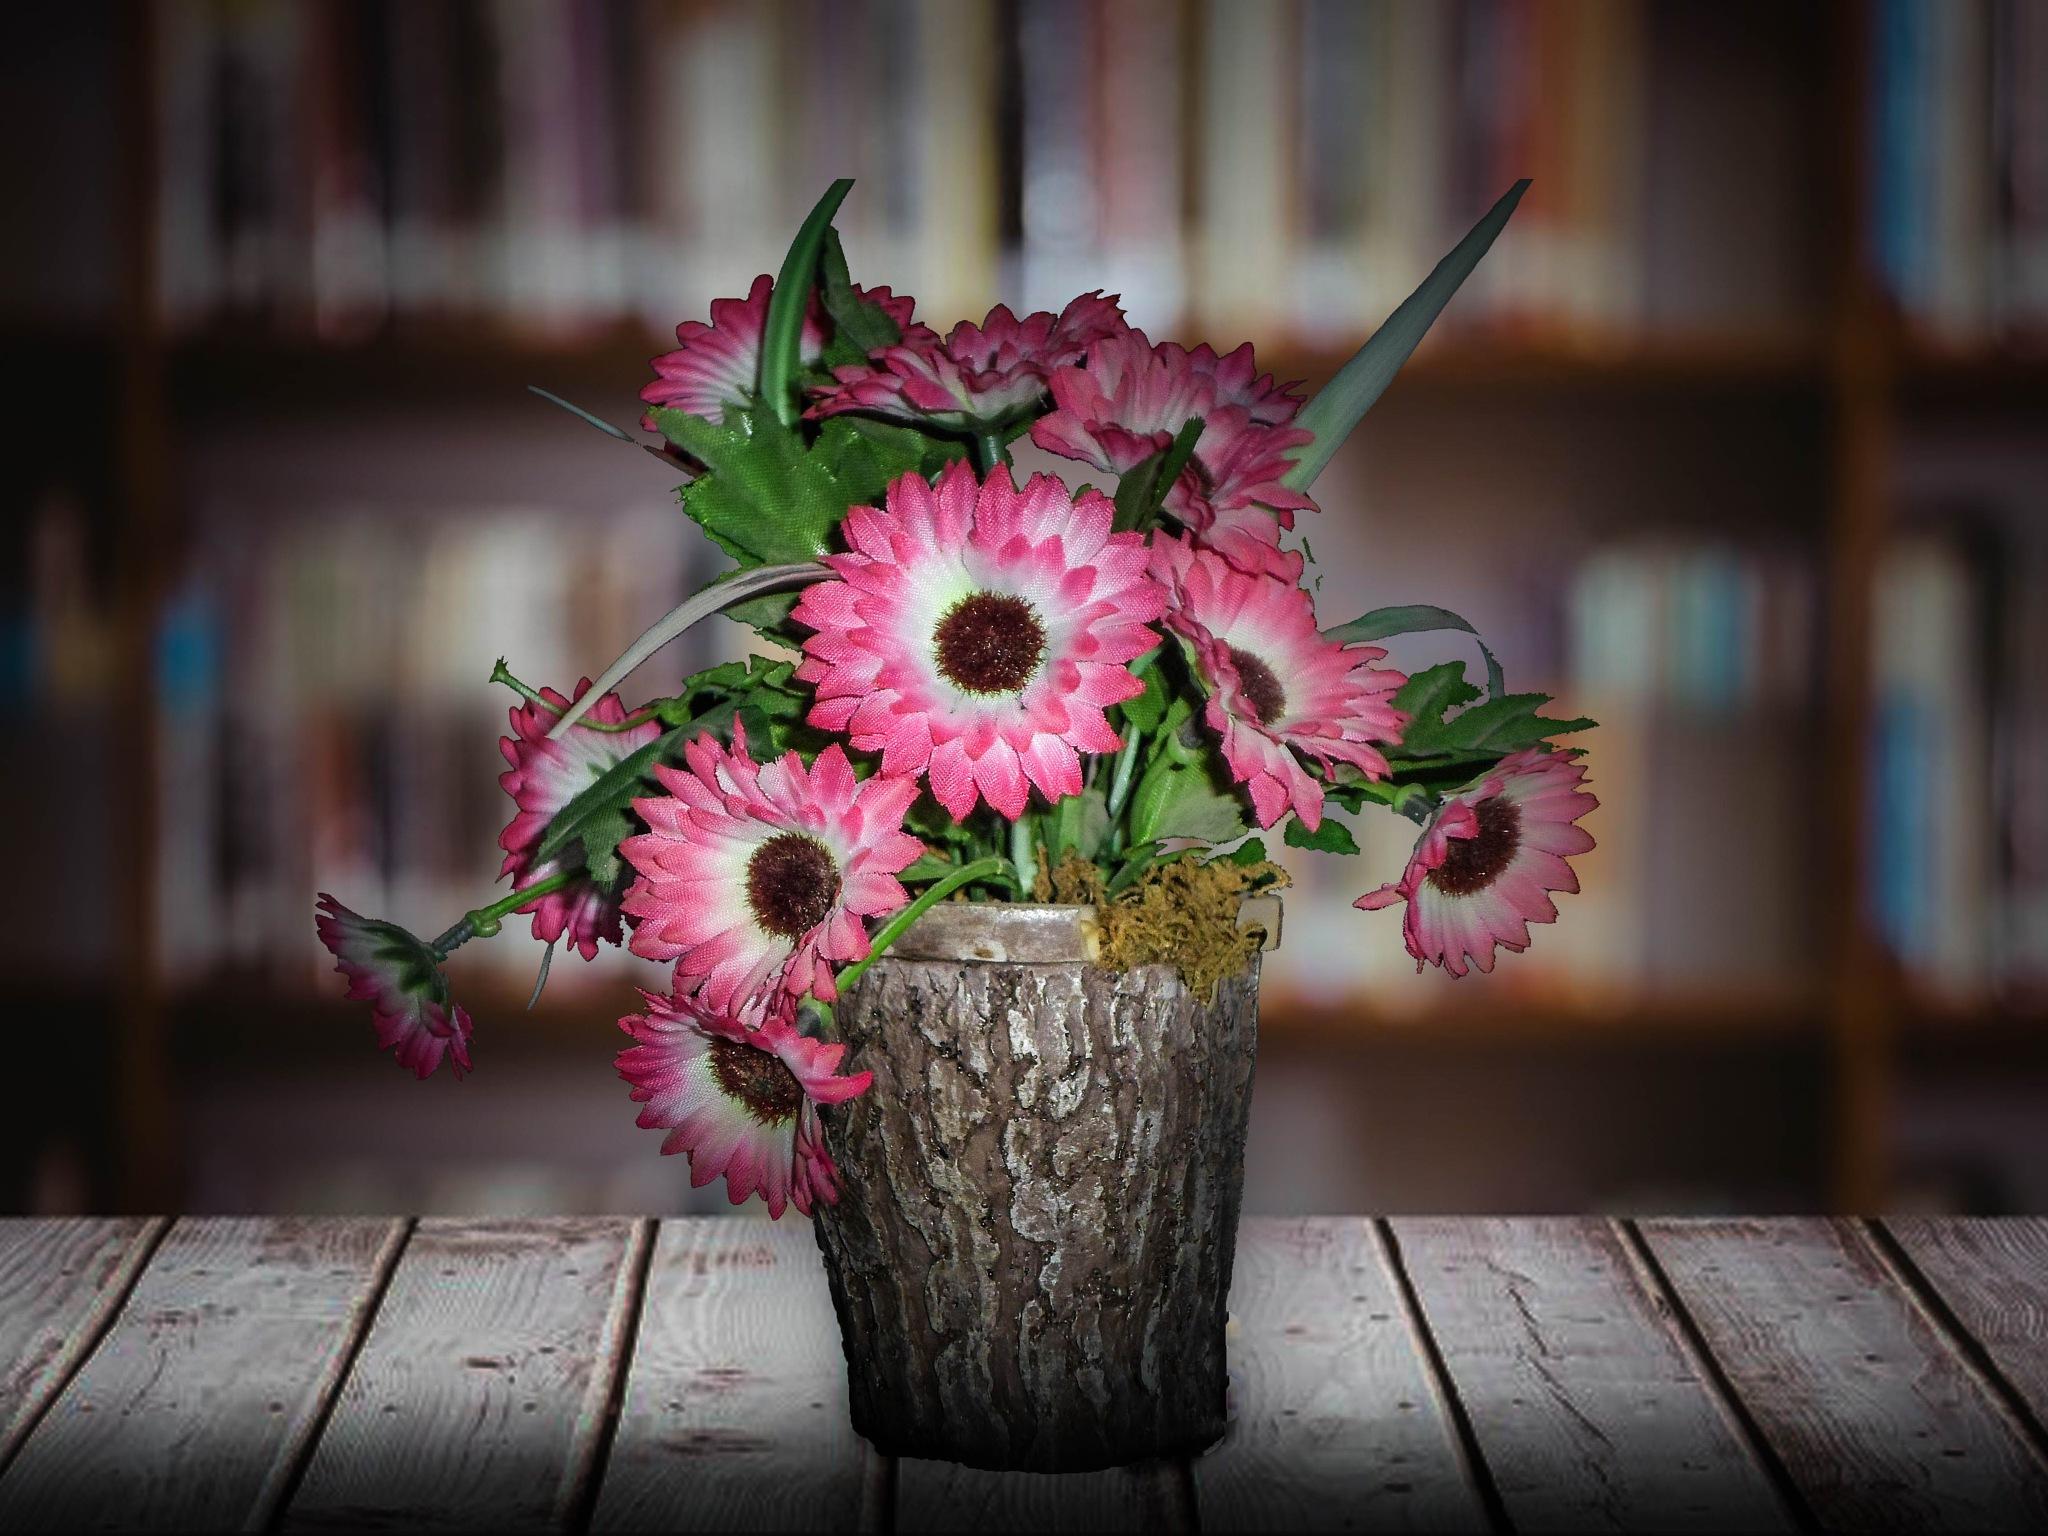 Flowers by Anas Jadoor